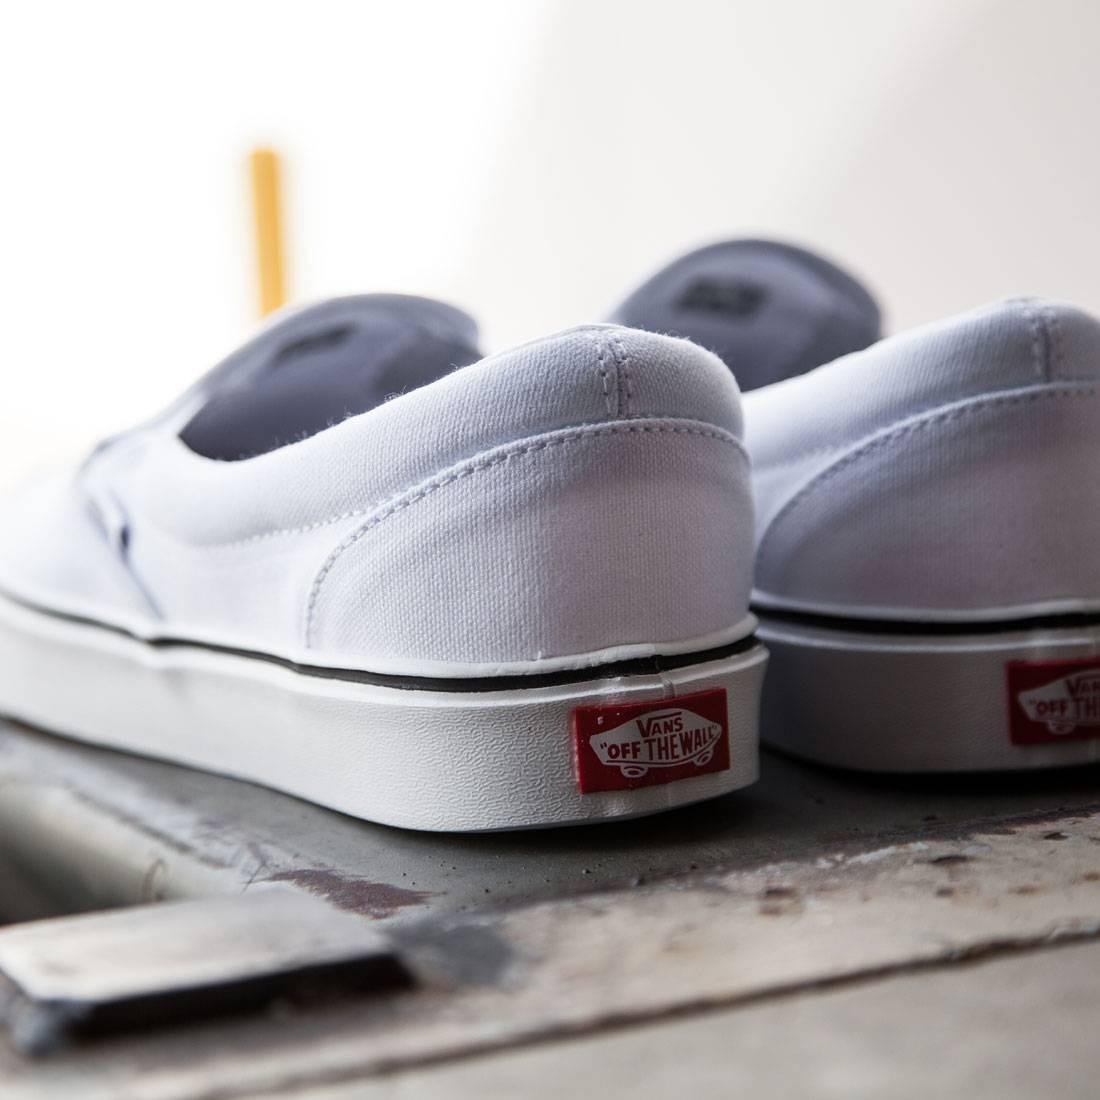 White Van Slip Ons | Kohls Vans | Neon Green Vans